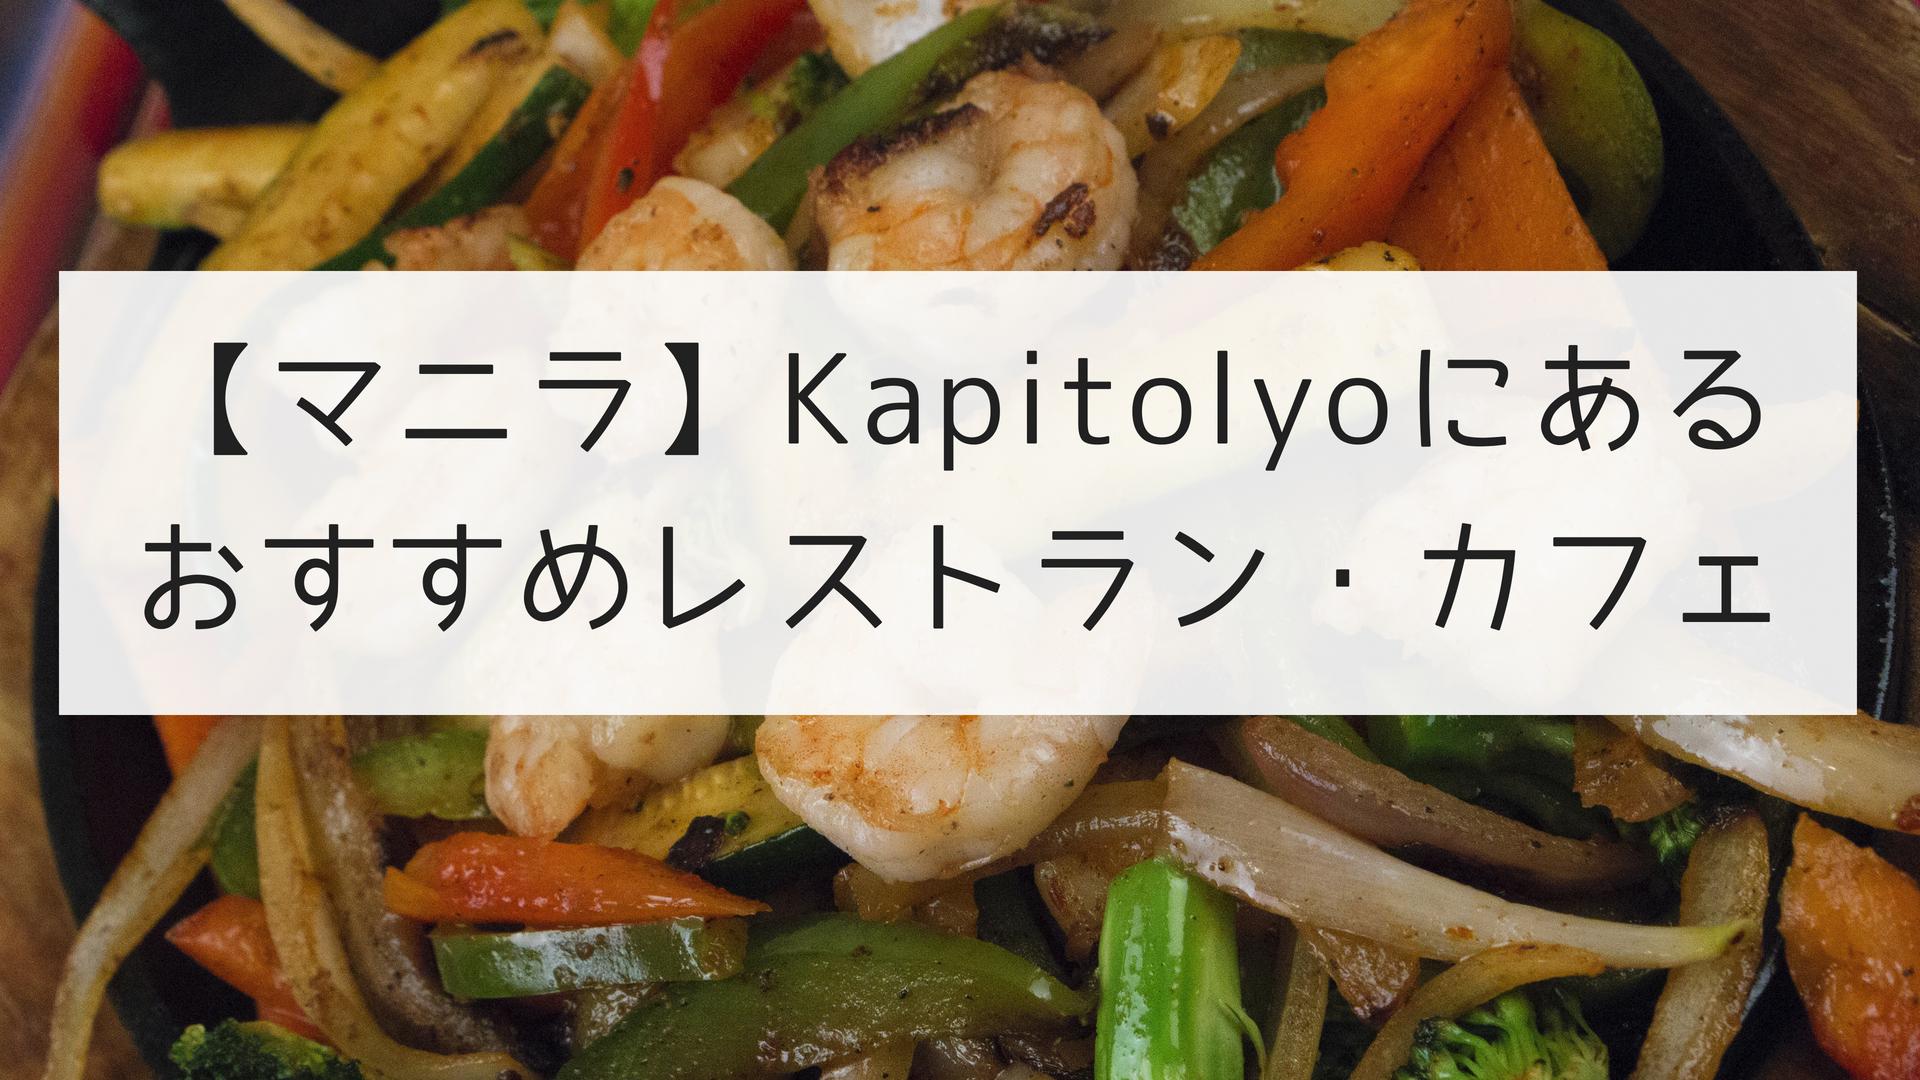 【マニラ】 Kapitolyoにあるおすすめレストラン・カフェまとめ